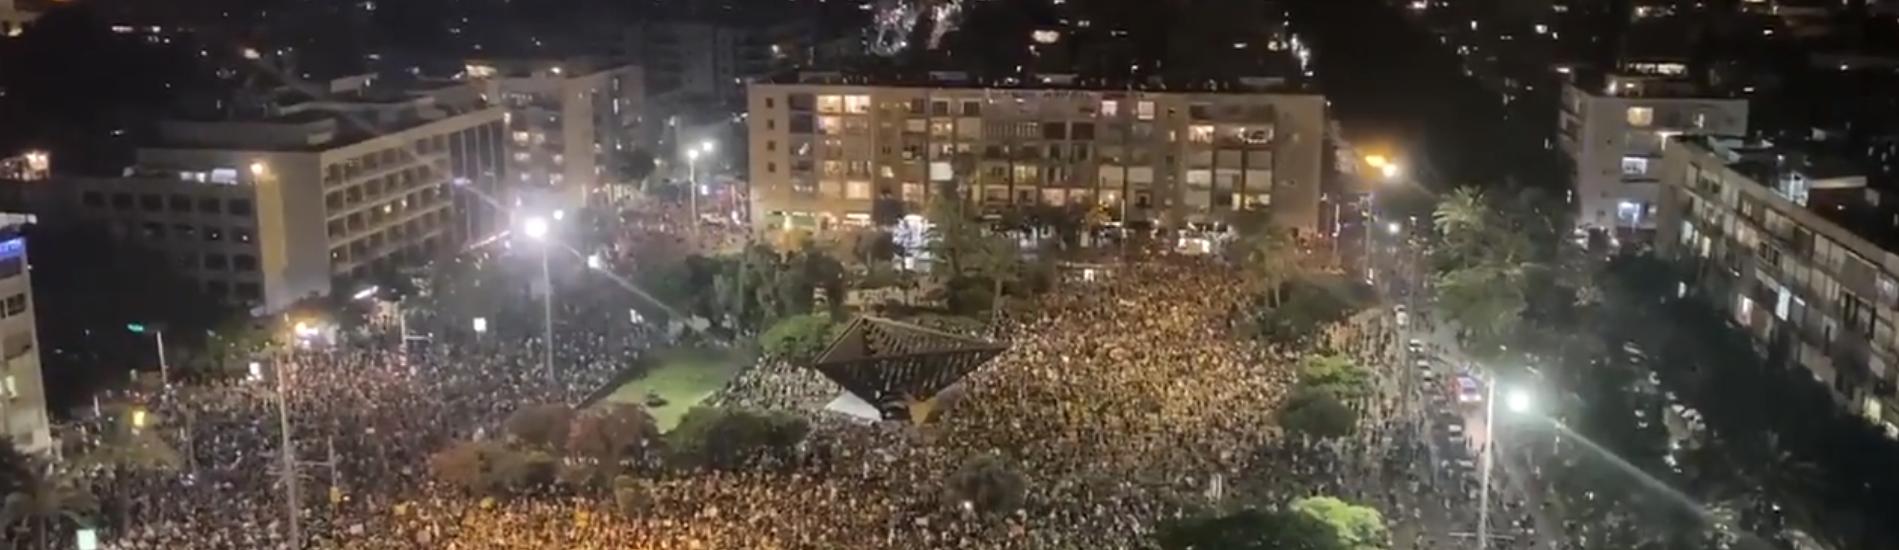 Μεγάλες αντικυβερνητικές διαδηλώσεις στο Ισραήλ